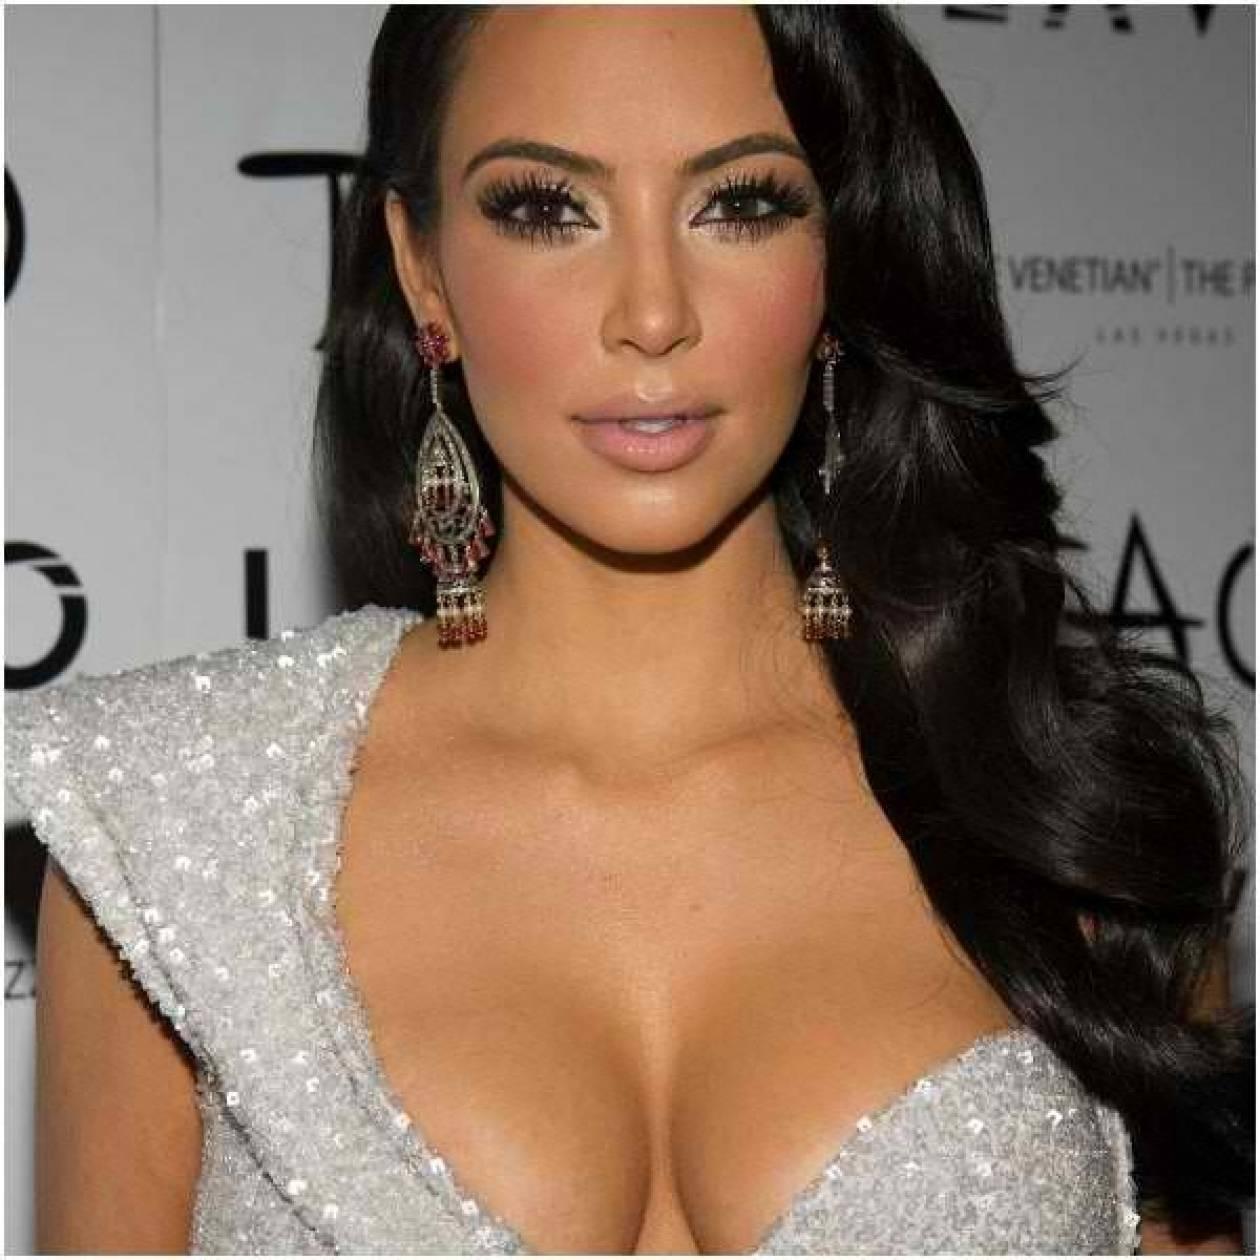 Η Nori μεγάλωσε, δείτε την κόρη της Κim Kardashian πόσο άλλαξε